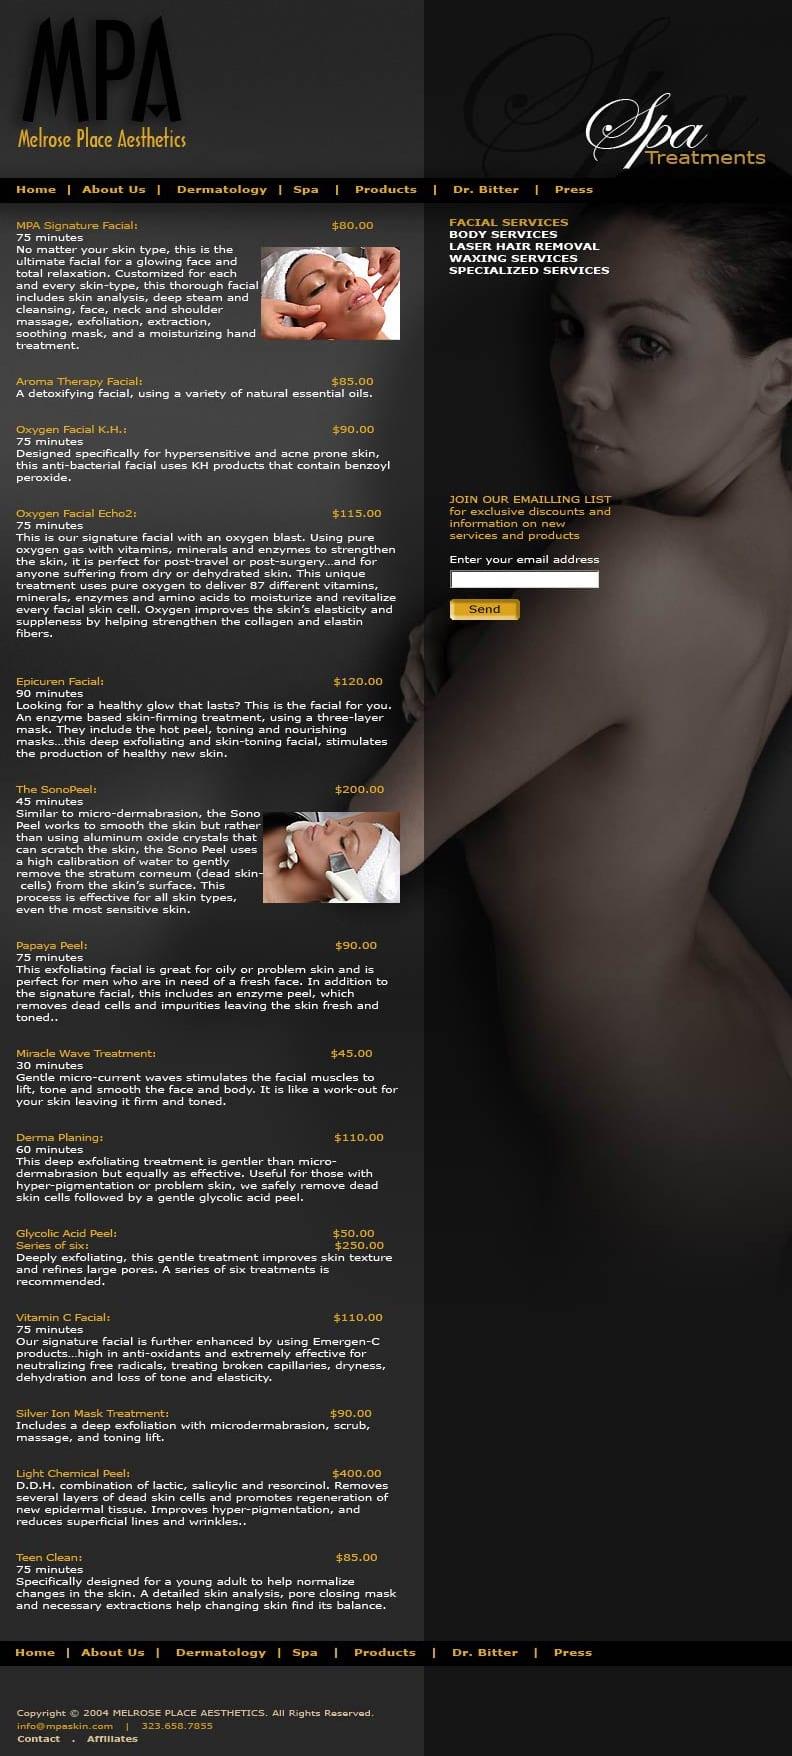 Spa_Treatments-001